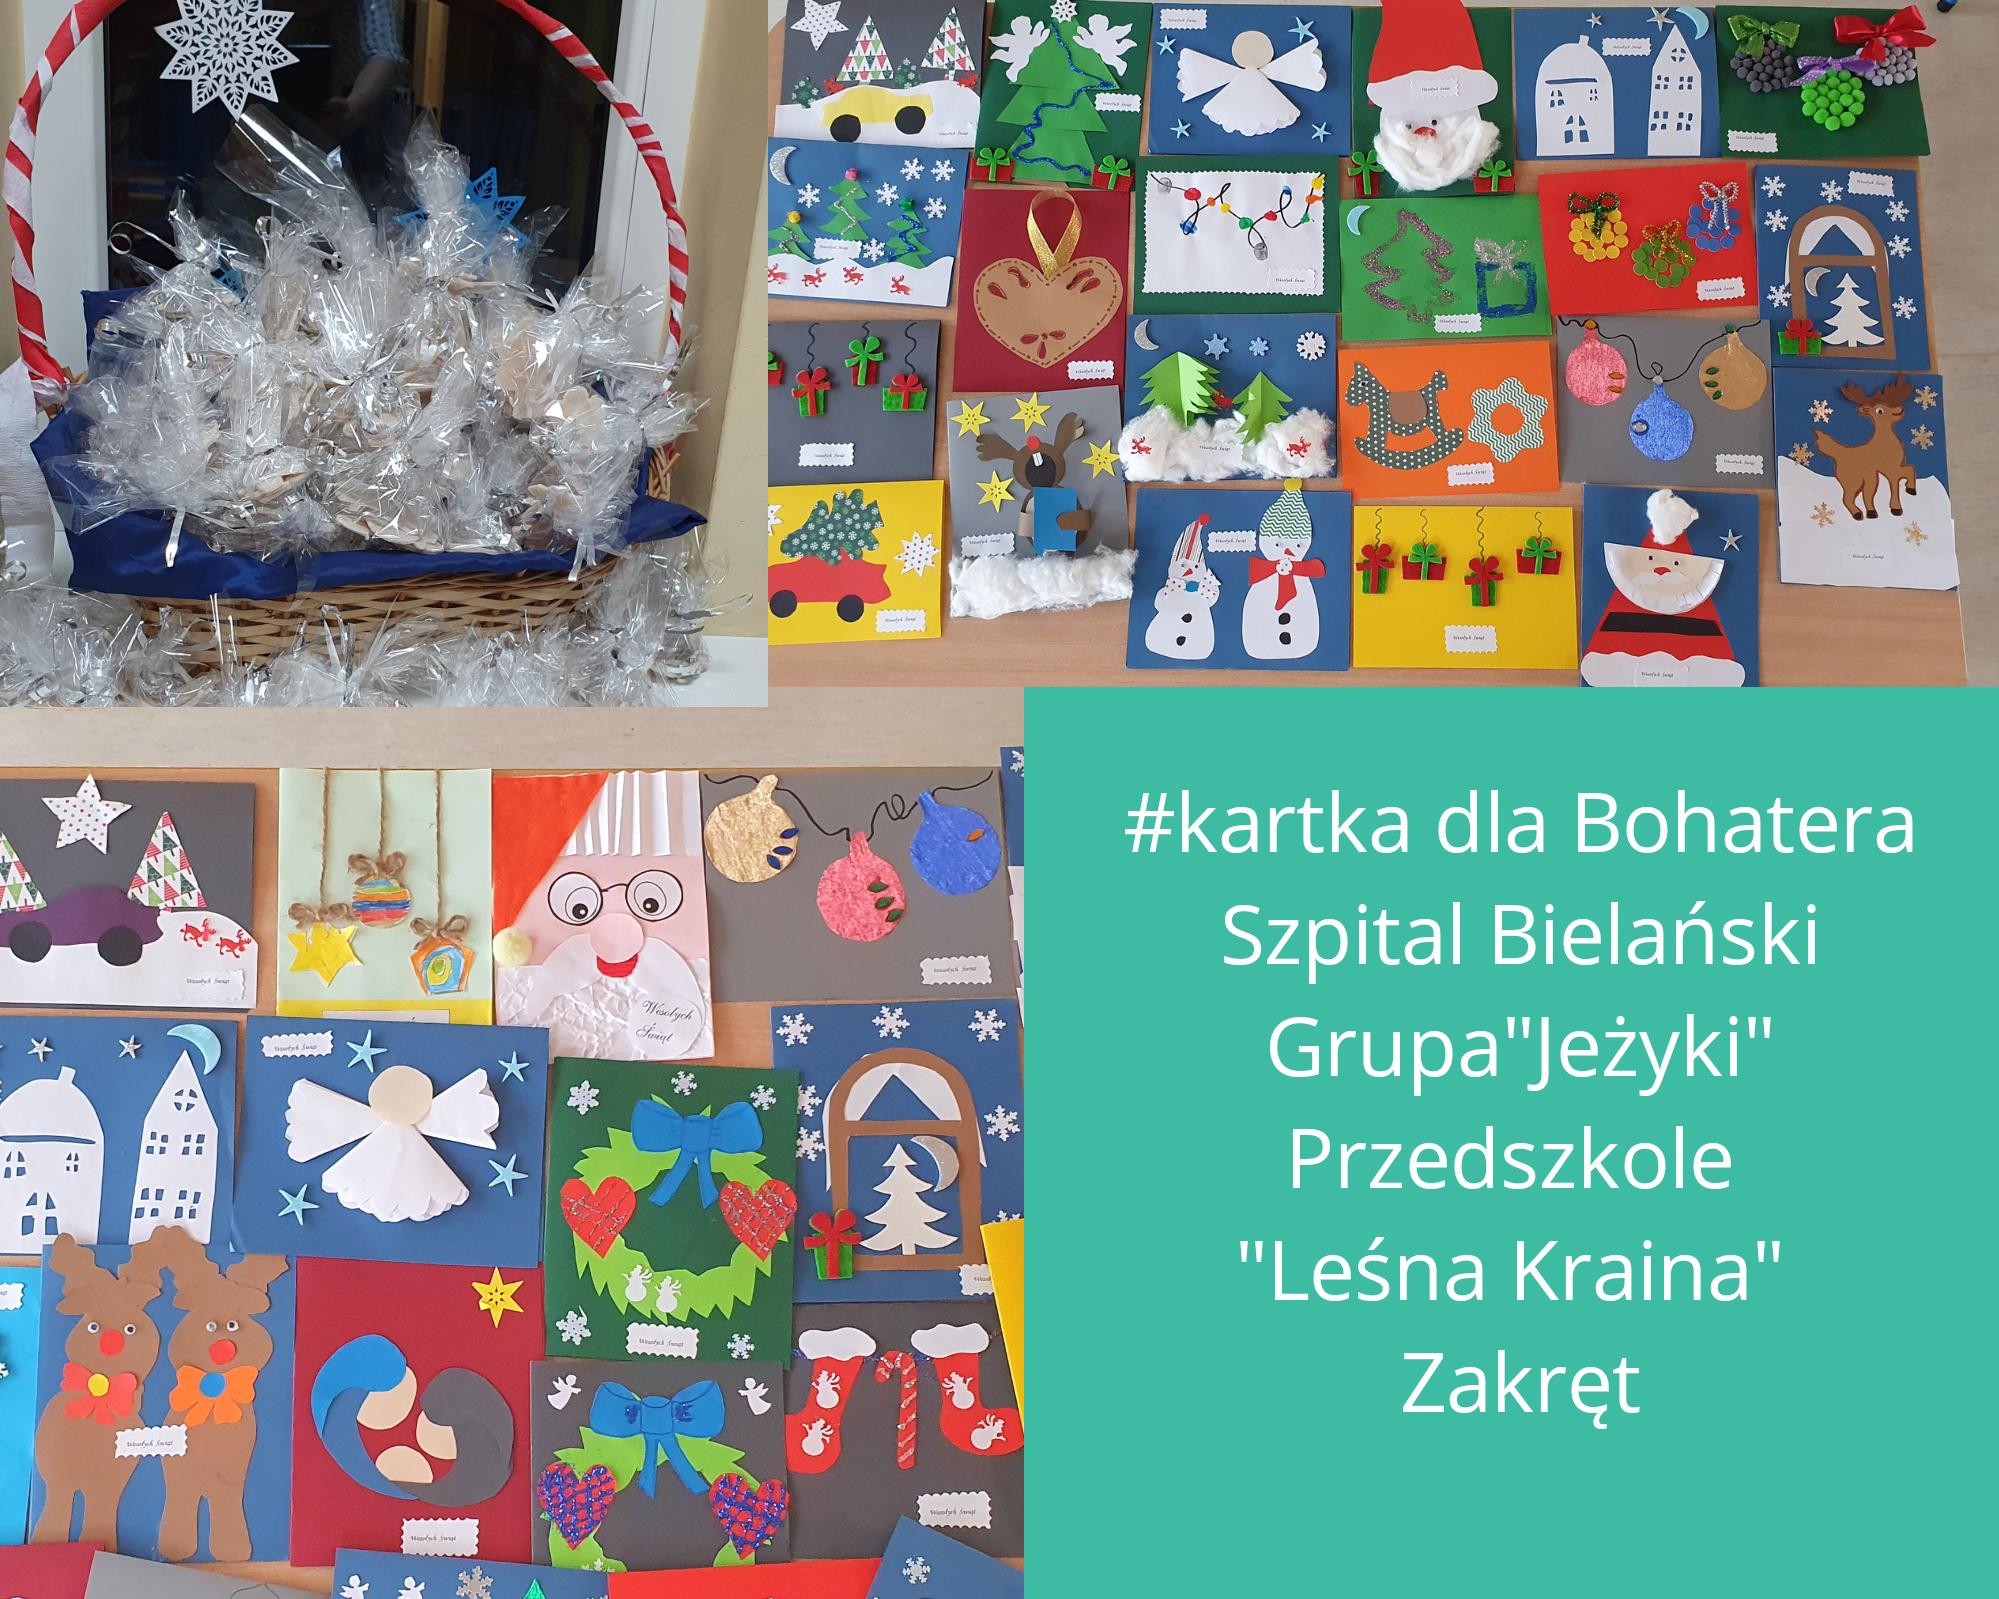 """Przedszkolaki z """"Leśnej Krainy"""" w Zakręcie przed świętami wzięły udział w kilku akcjach charytatywnych"""